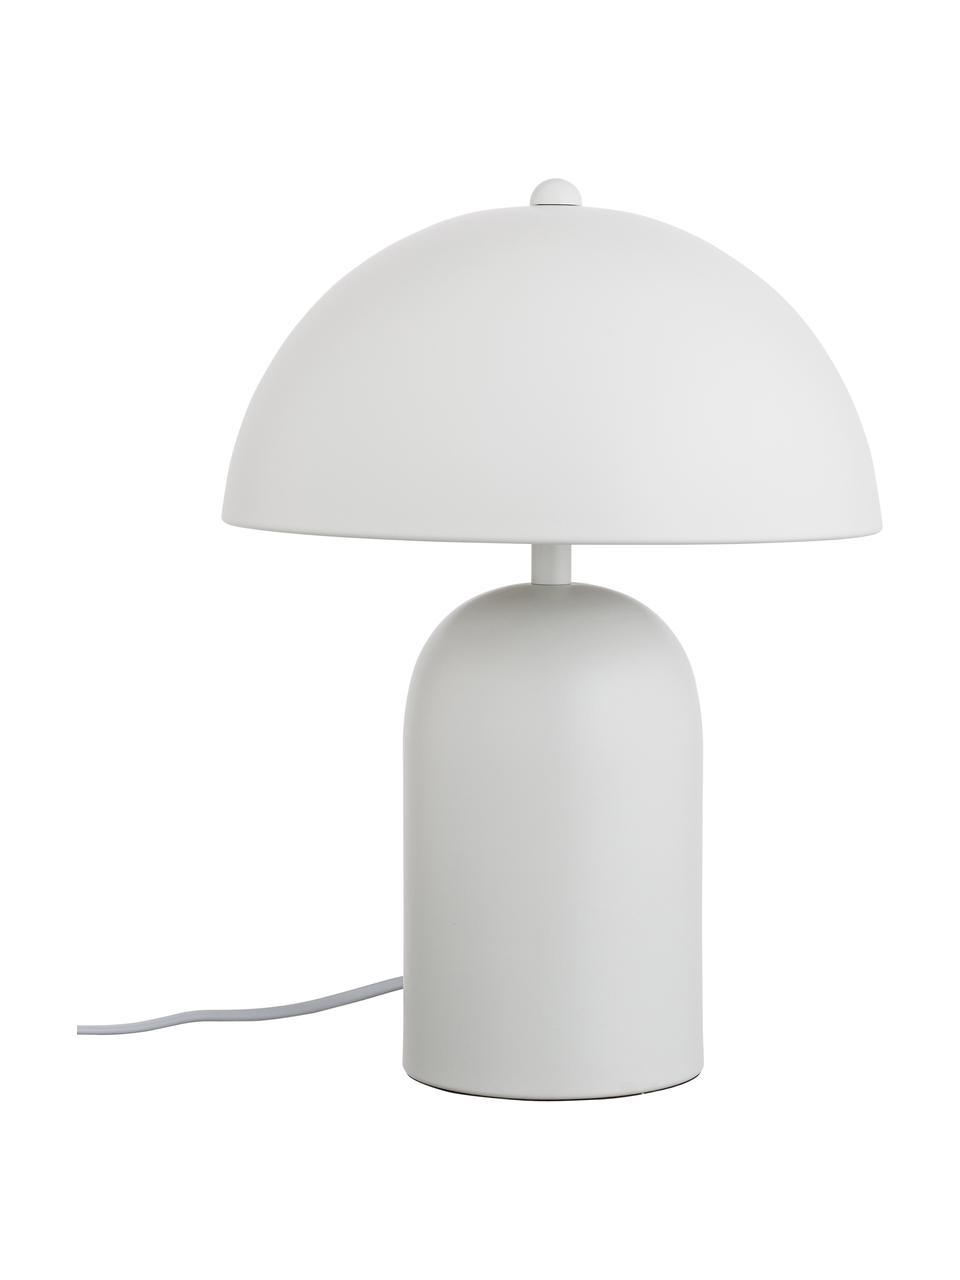 Kleine Retro-Tischlampe Walter in Weiß, Lampenschirm: Metall, Lampenfuß: Metall, Mattweiß, Ø 25 x H 33 cm